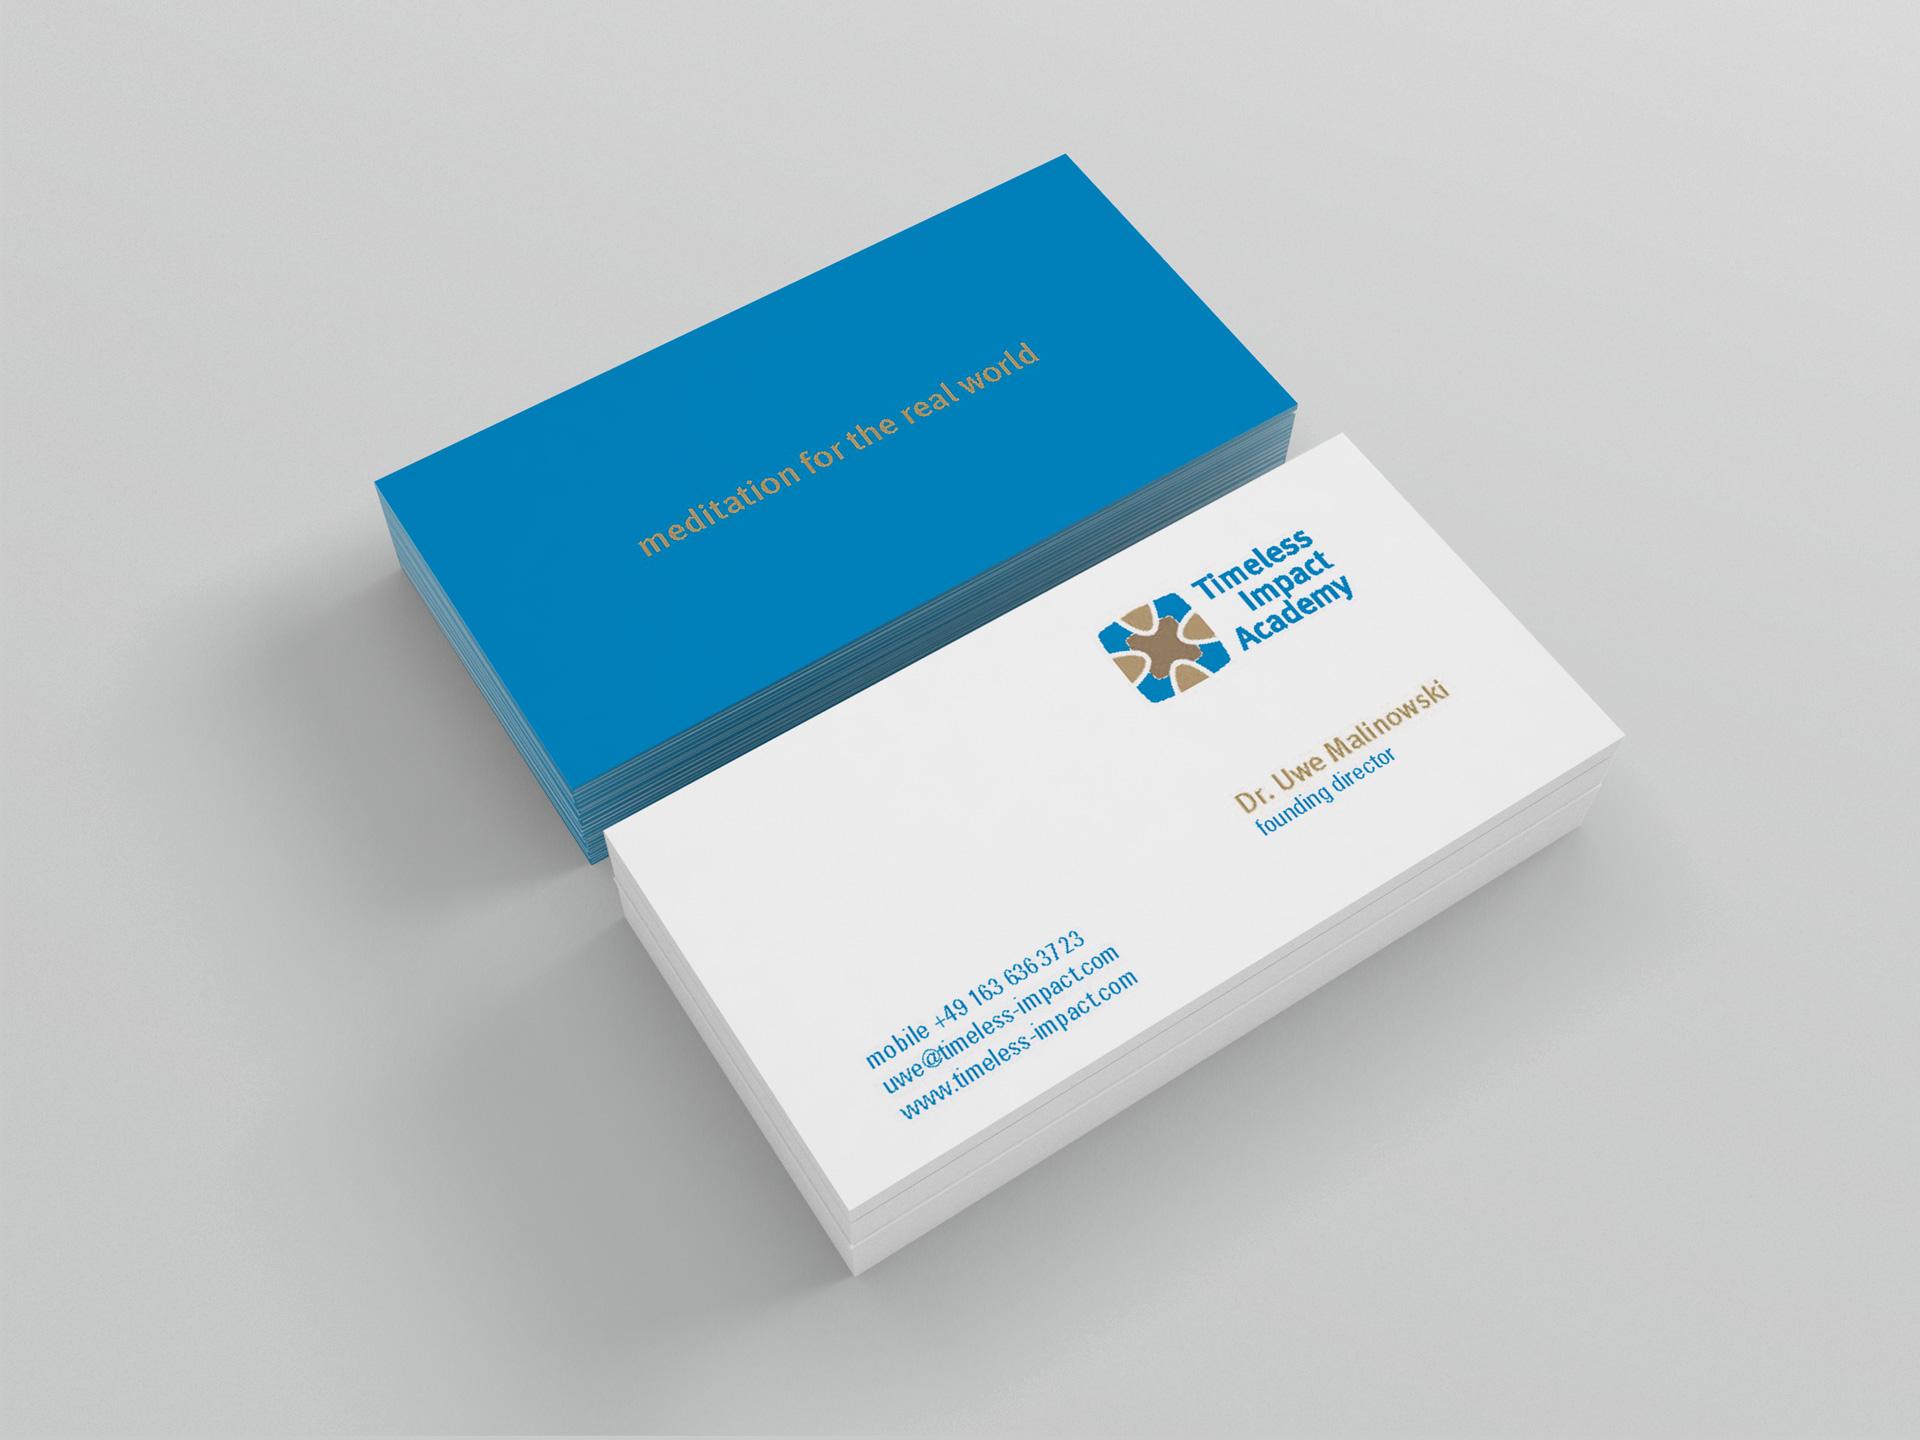 Grafik Design Visitenkarten für timeless impact academy von facit design